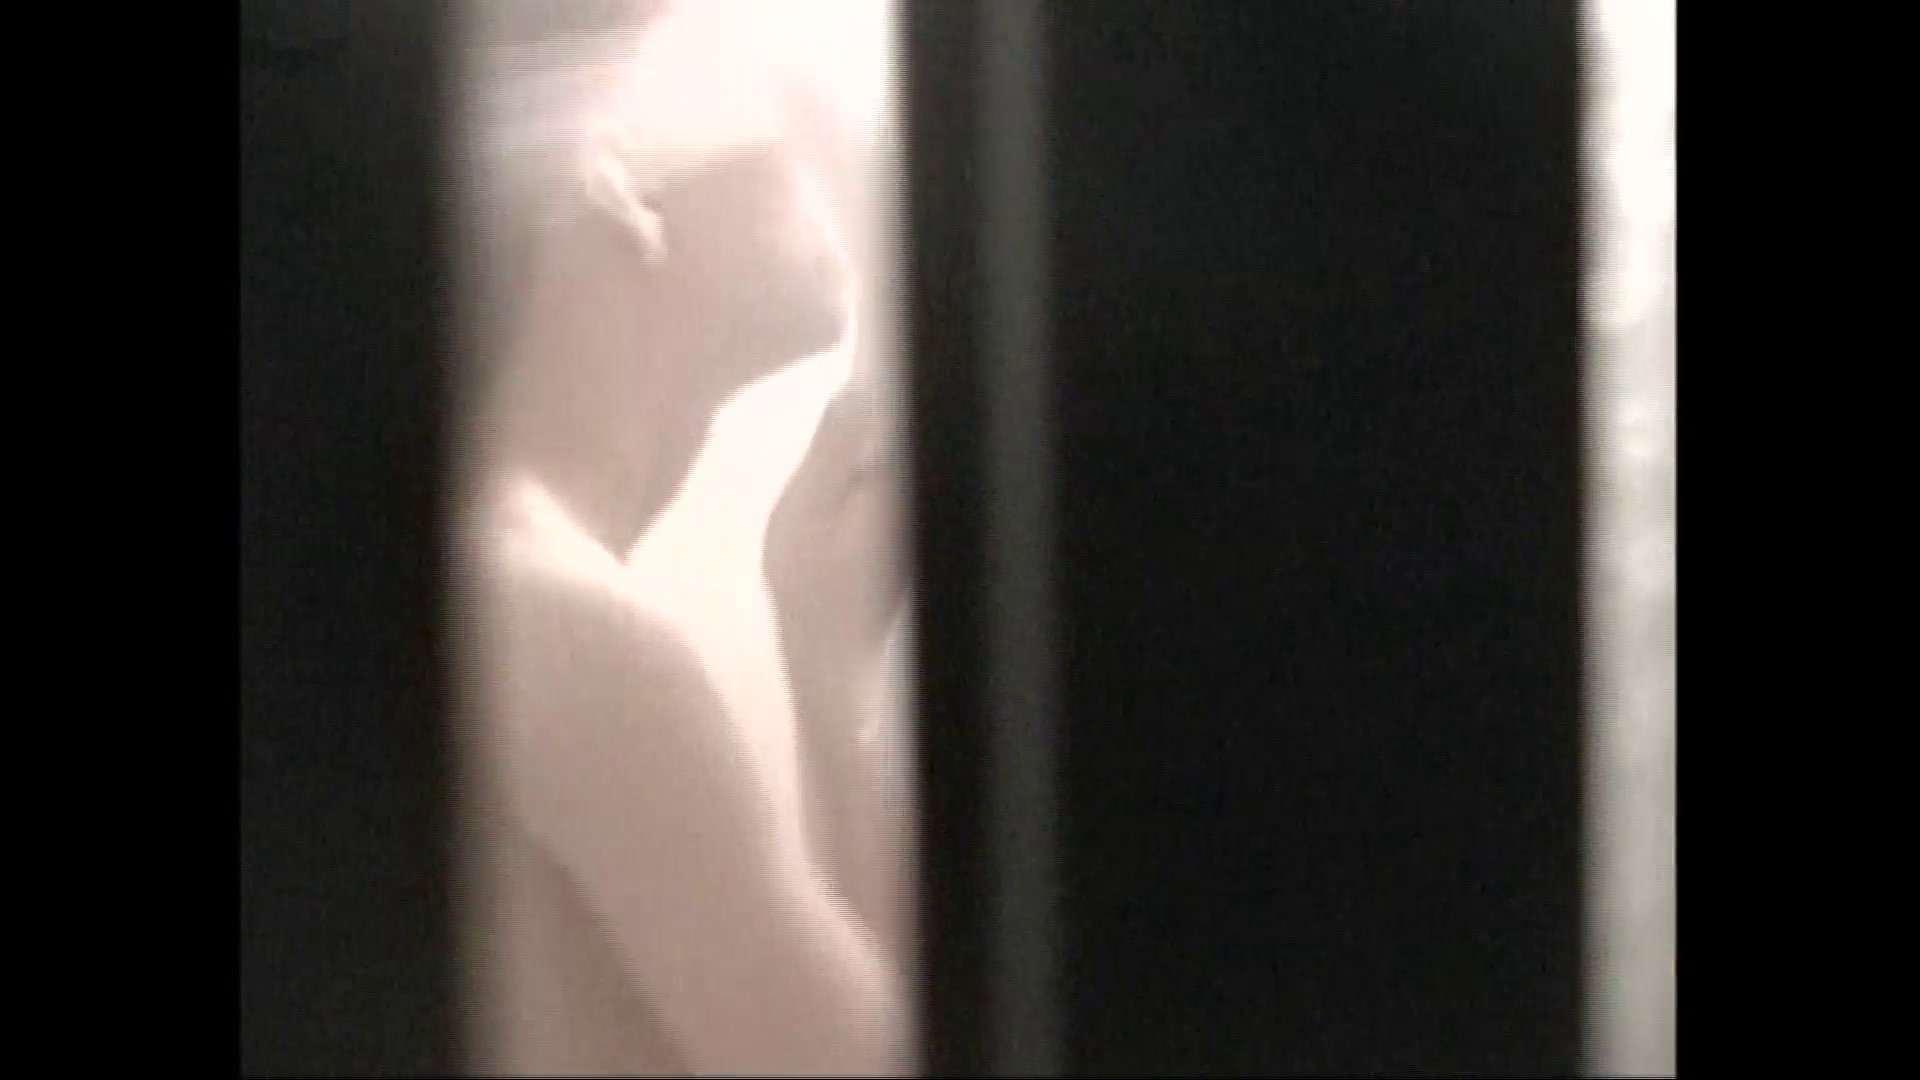 隙間からノゾク風呂 Vol.29 股をグイッとひらいて・・・。 入浴中の女性  69PIX 48